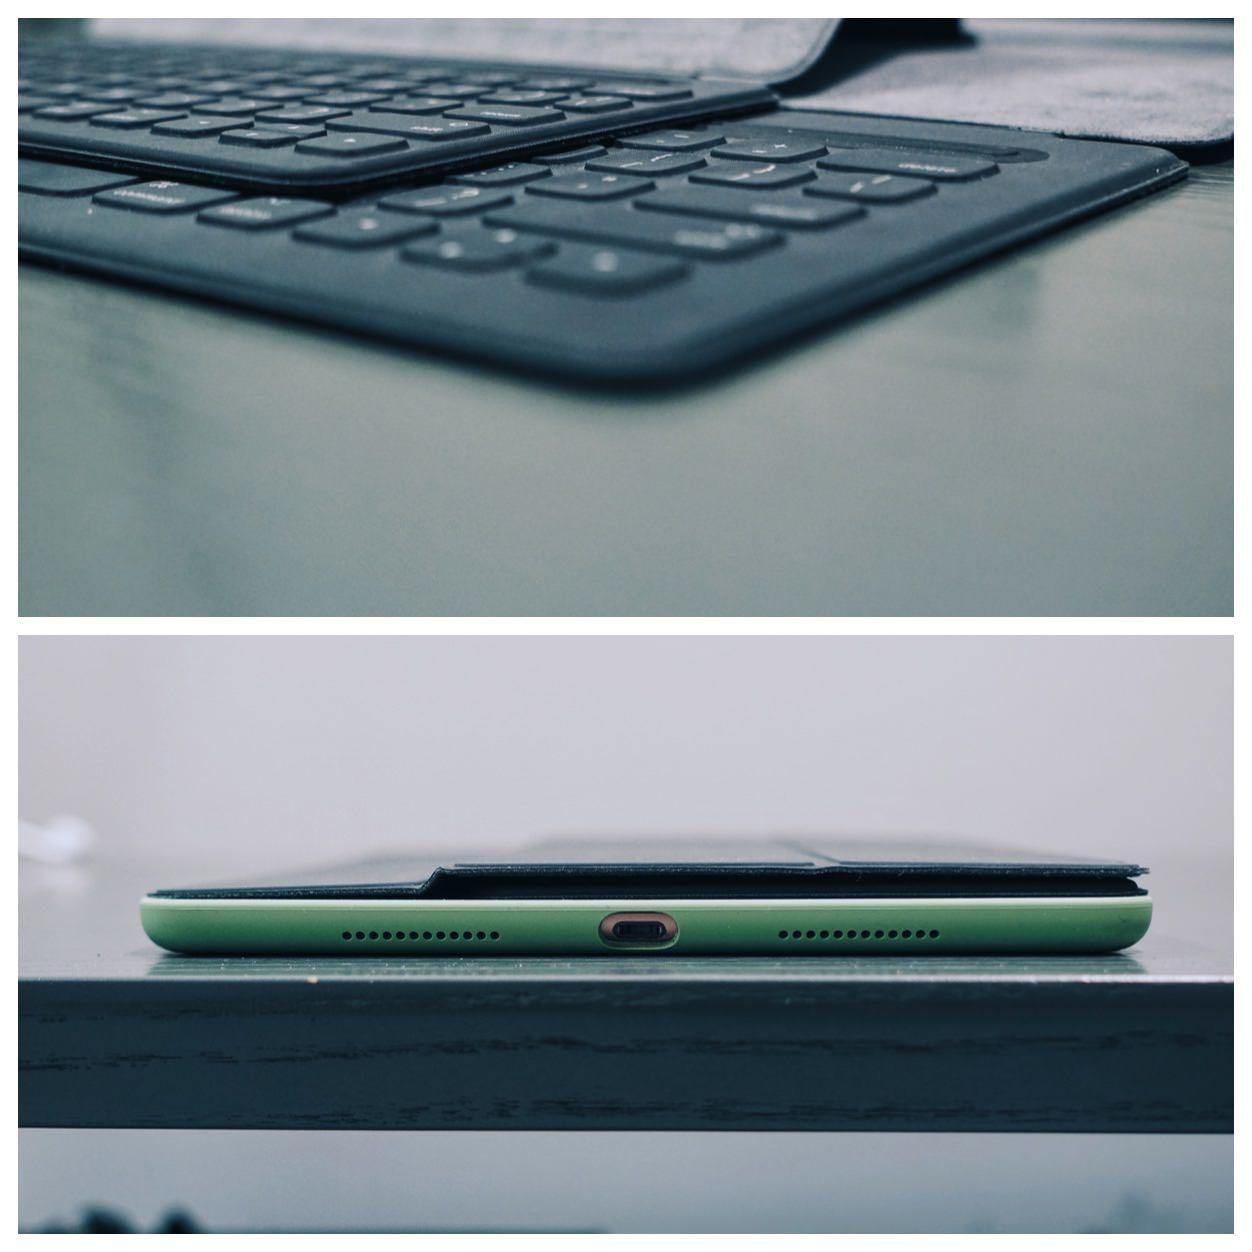 iPhoneBlog.de_Smart-Keyboards_DE